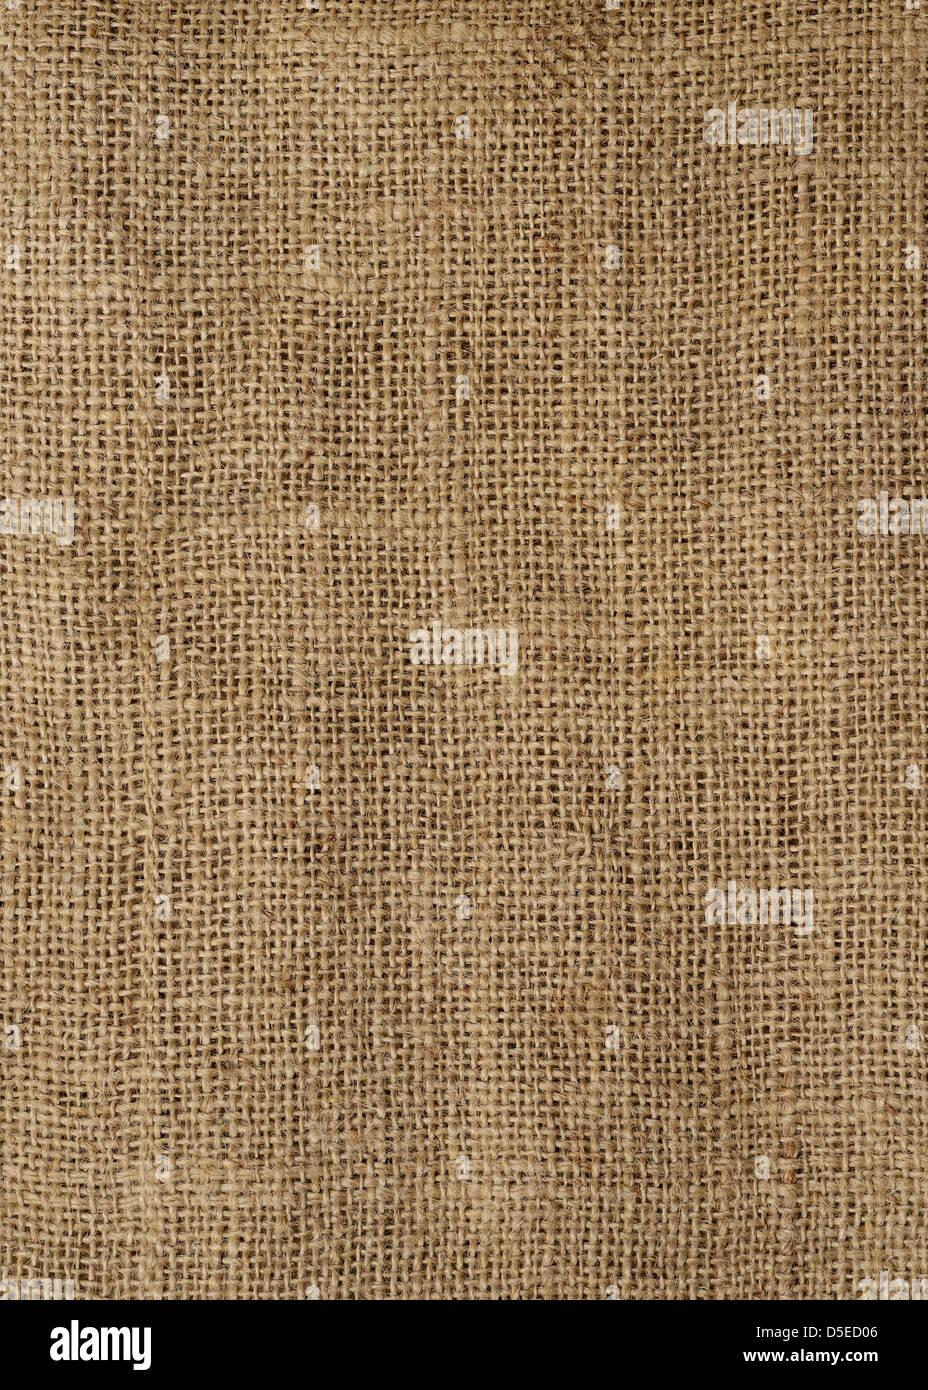 Hessian Sack, Close Up. - Stock Image